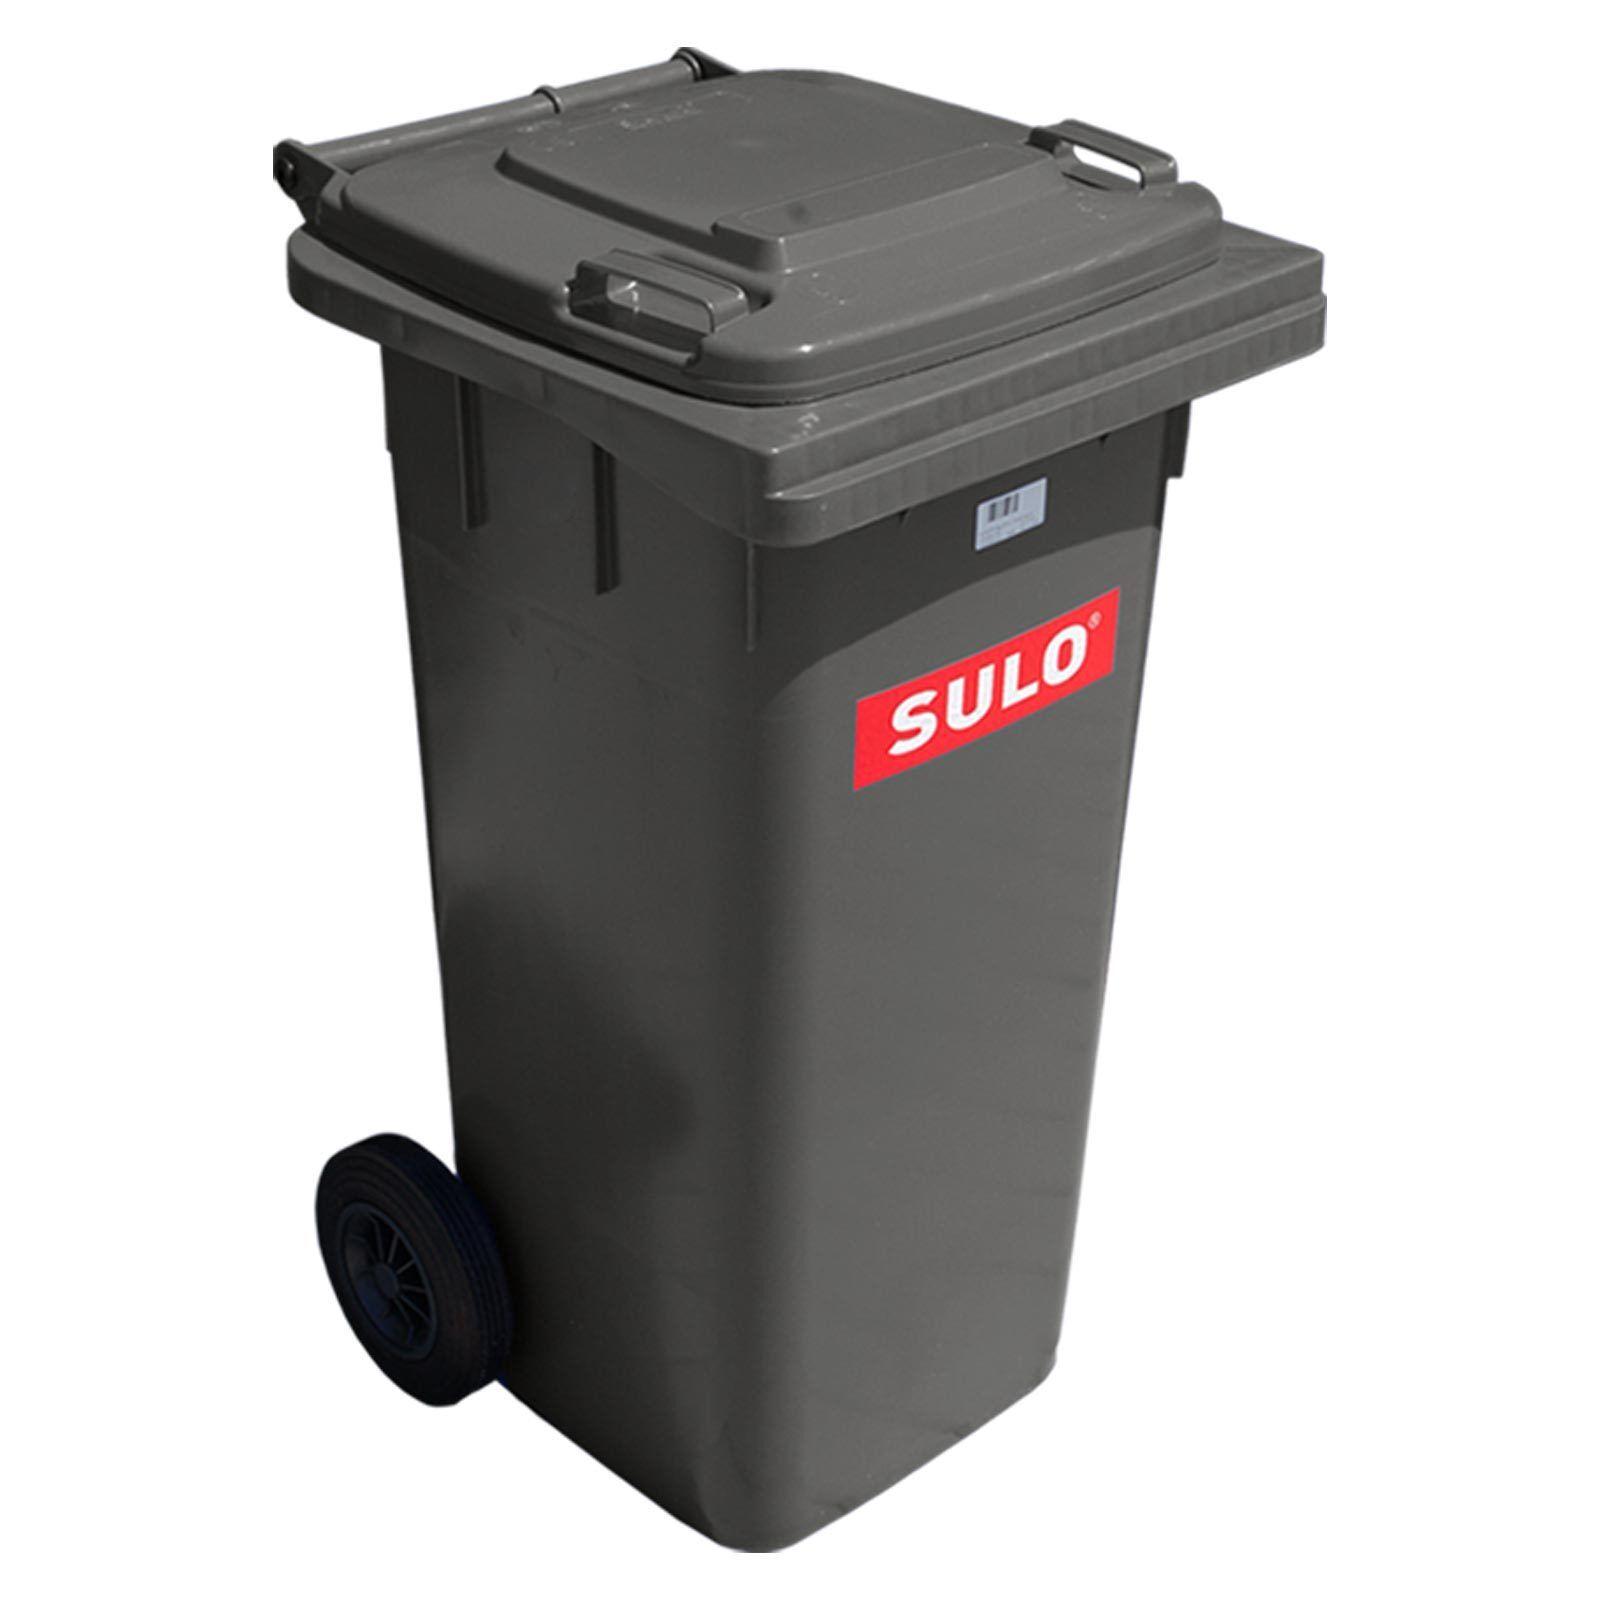 1 Stück SULO Abfallbehälter Mülleimer Mülltonne Grau 120 Liter Aschentonne Kübel